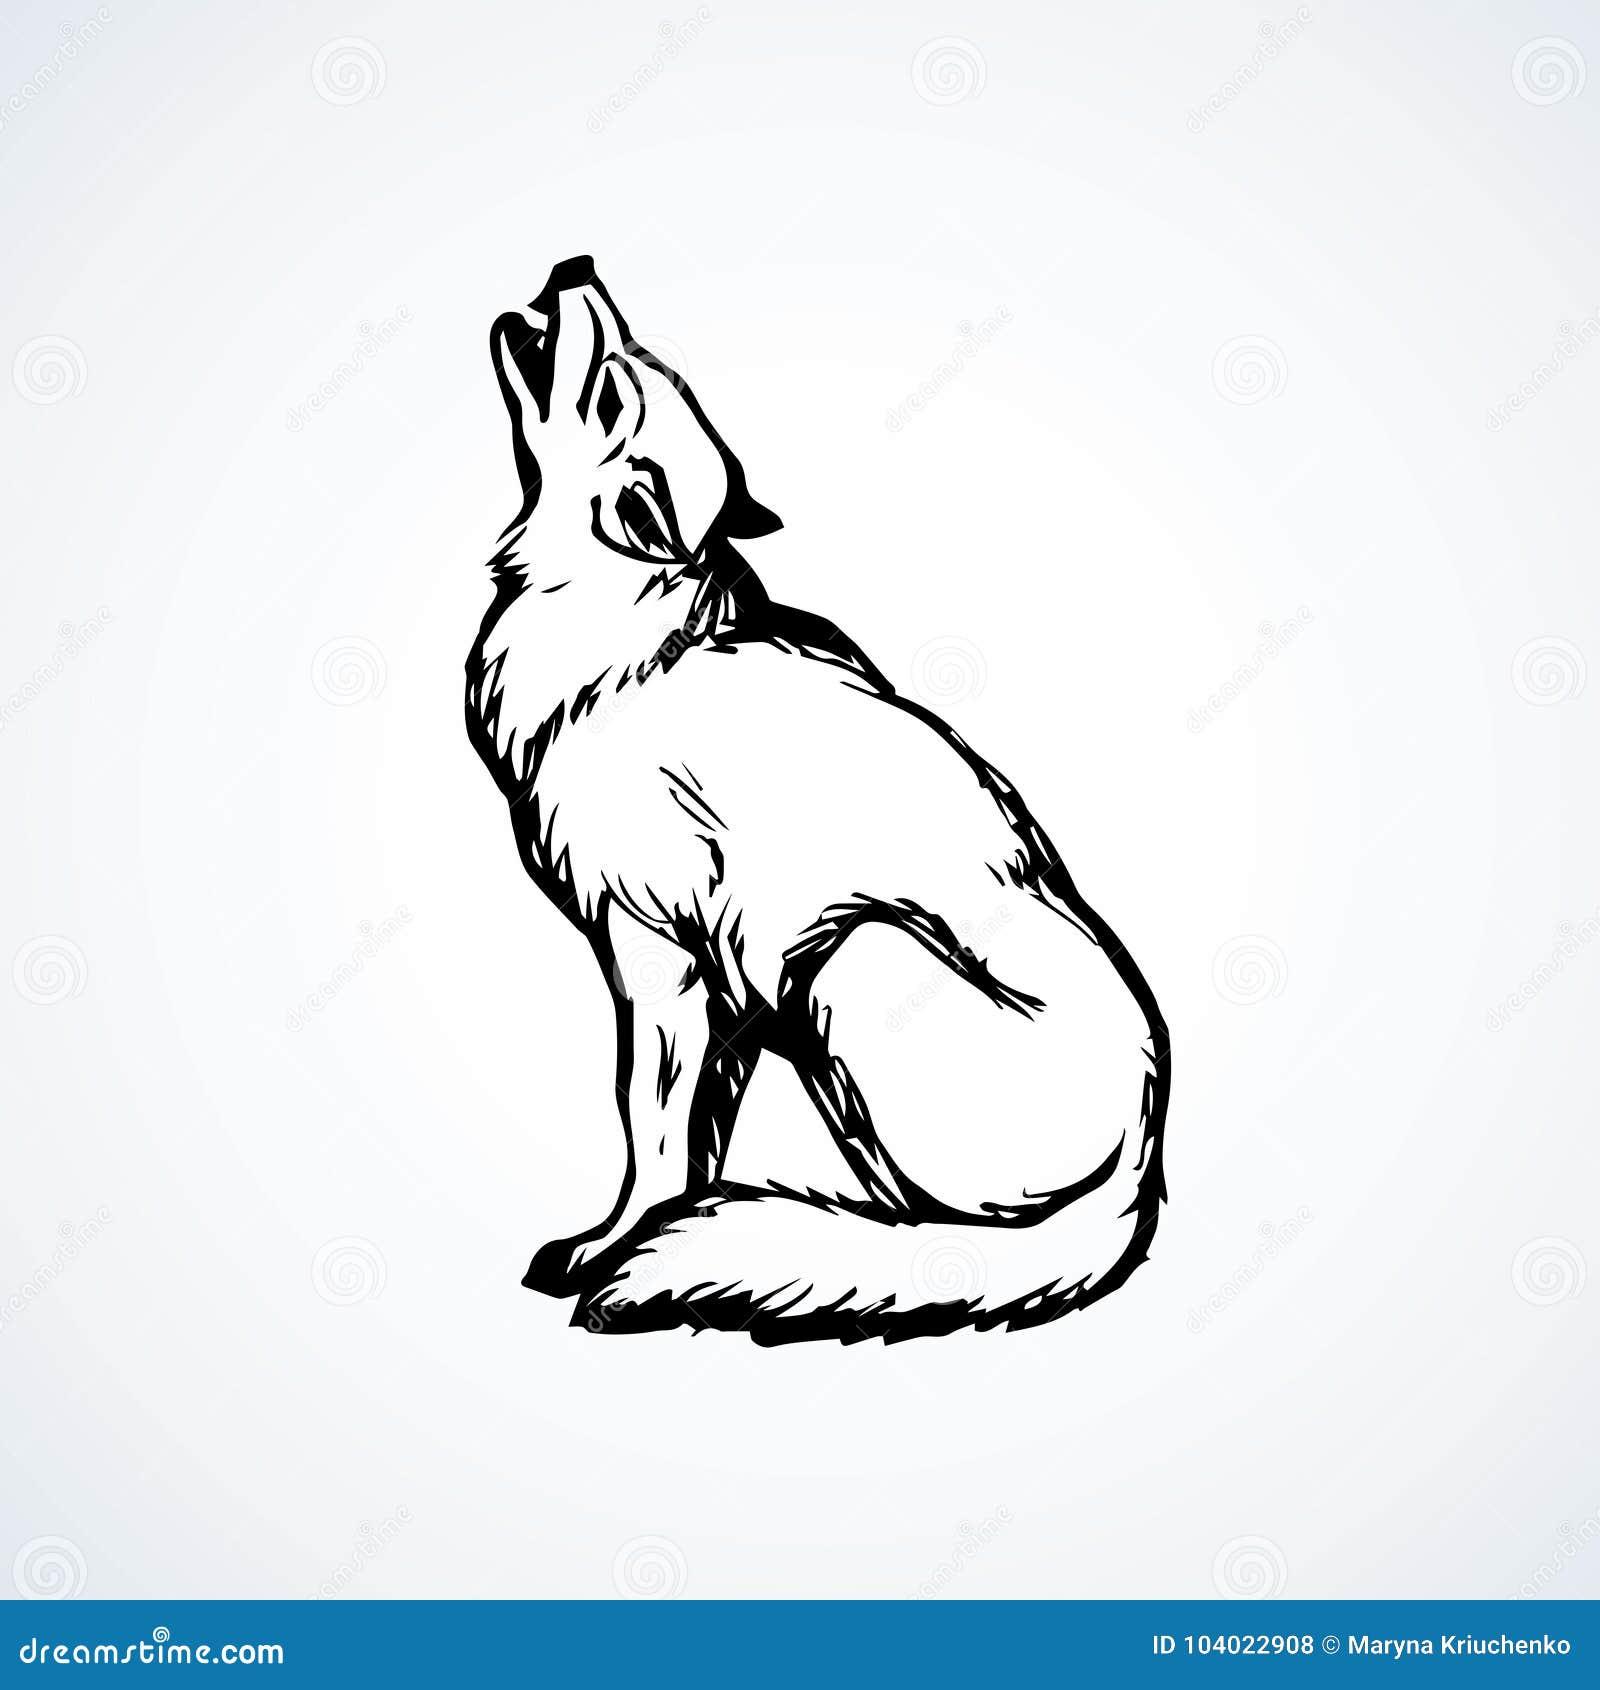 Lobo Desenho Do Vetor Ilustracao Do Vetor Ilustracao De Gravado